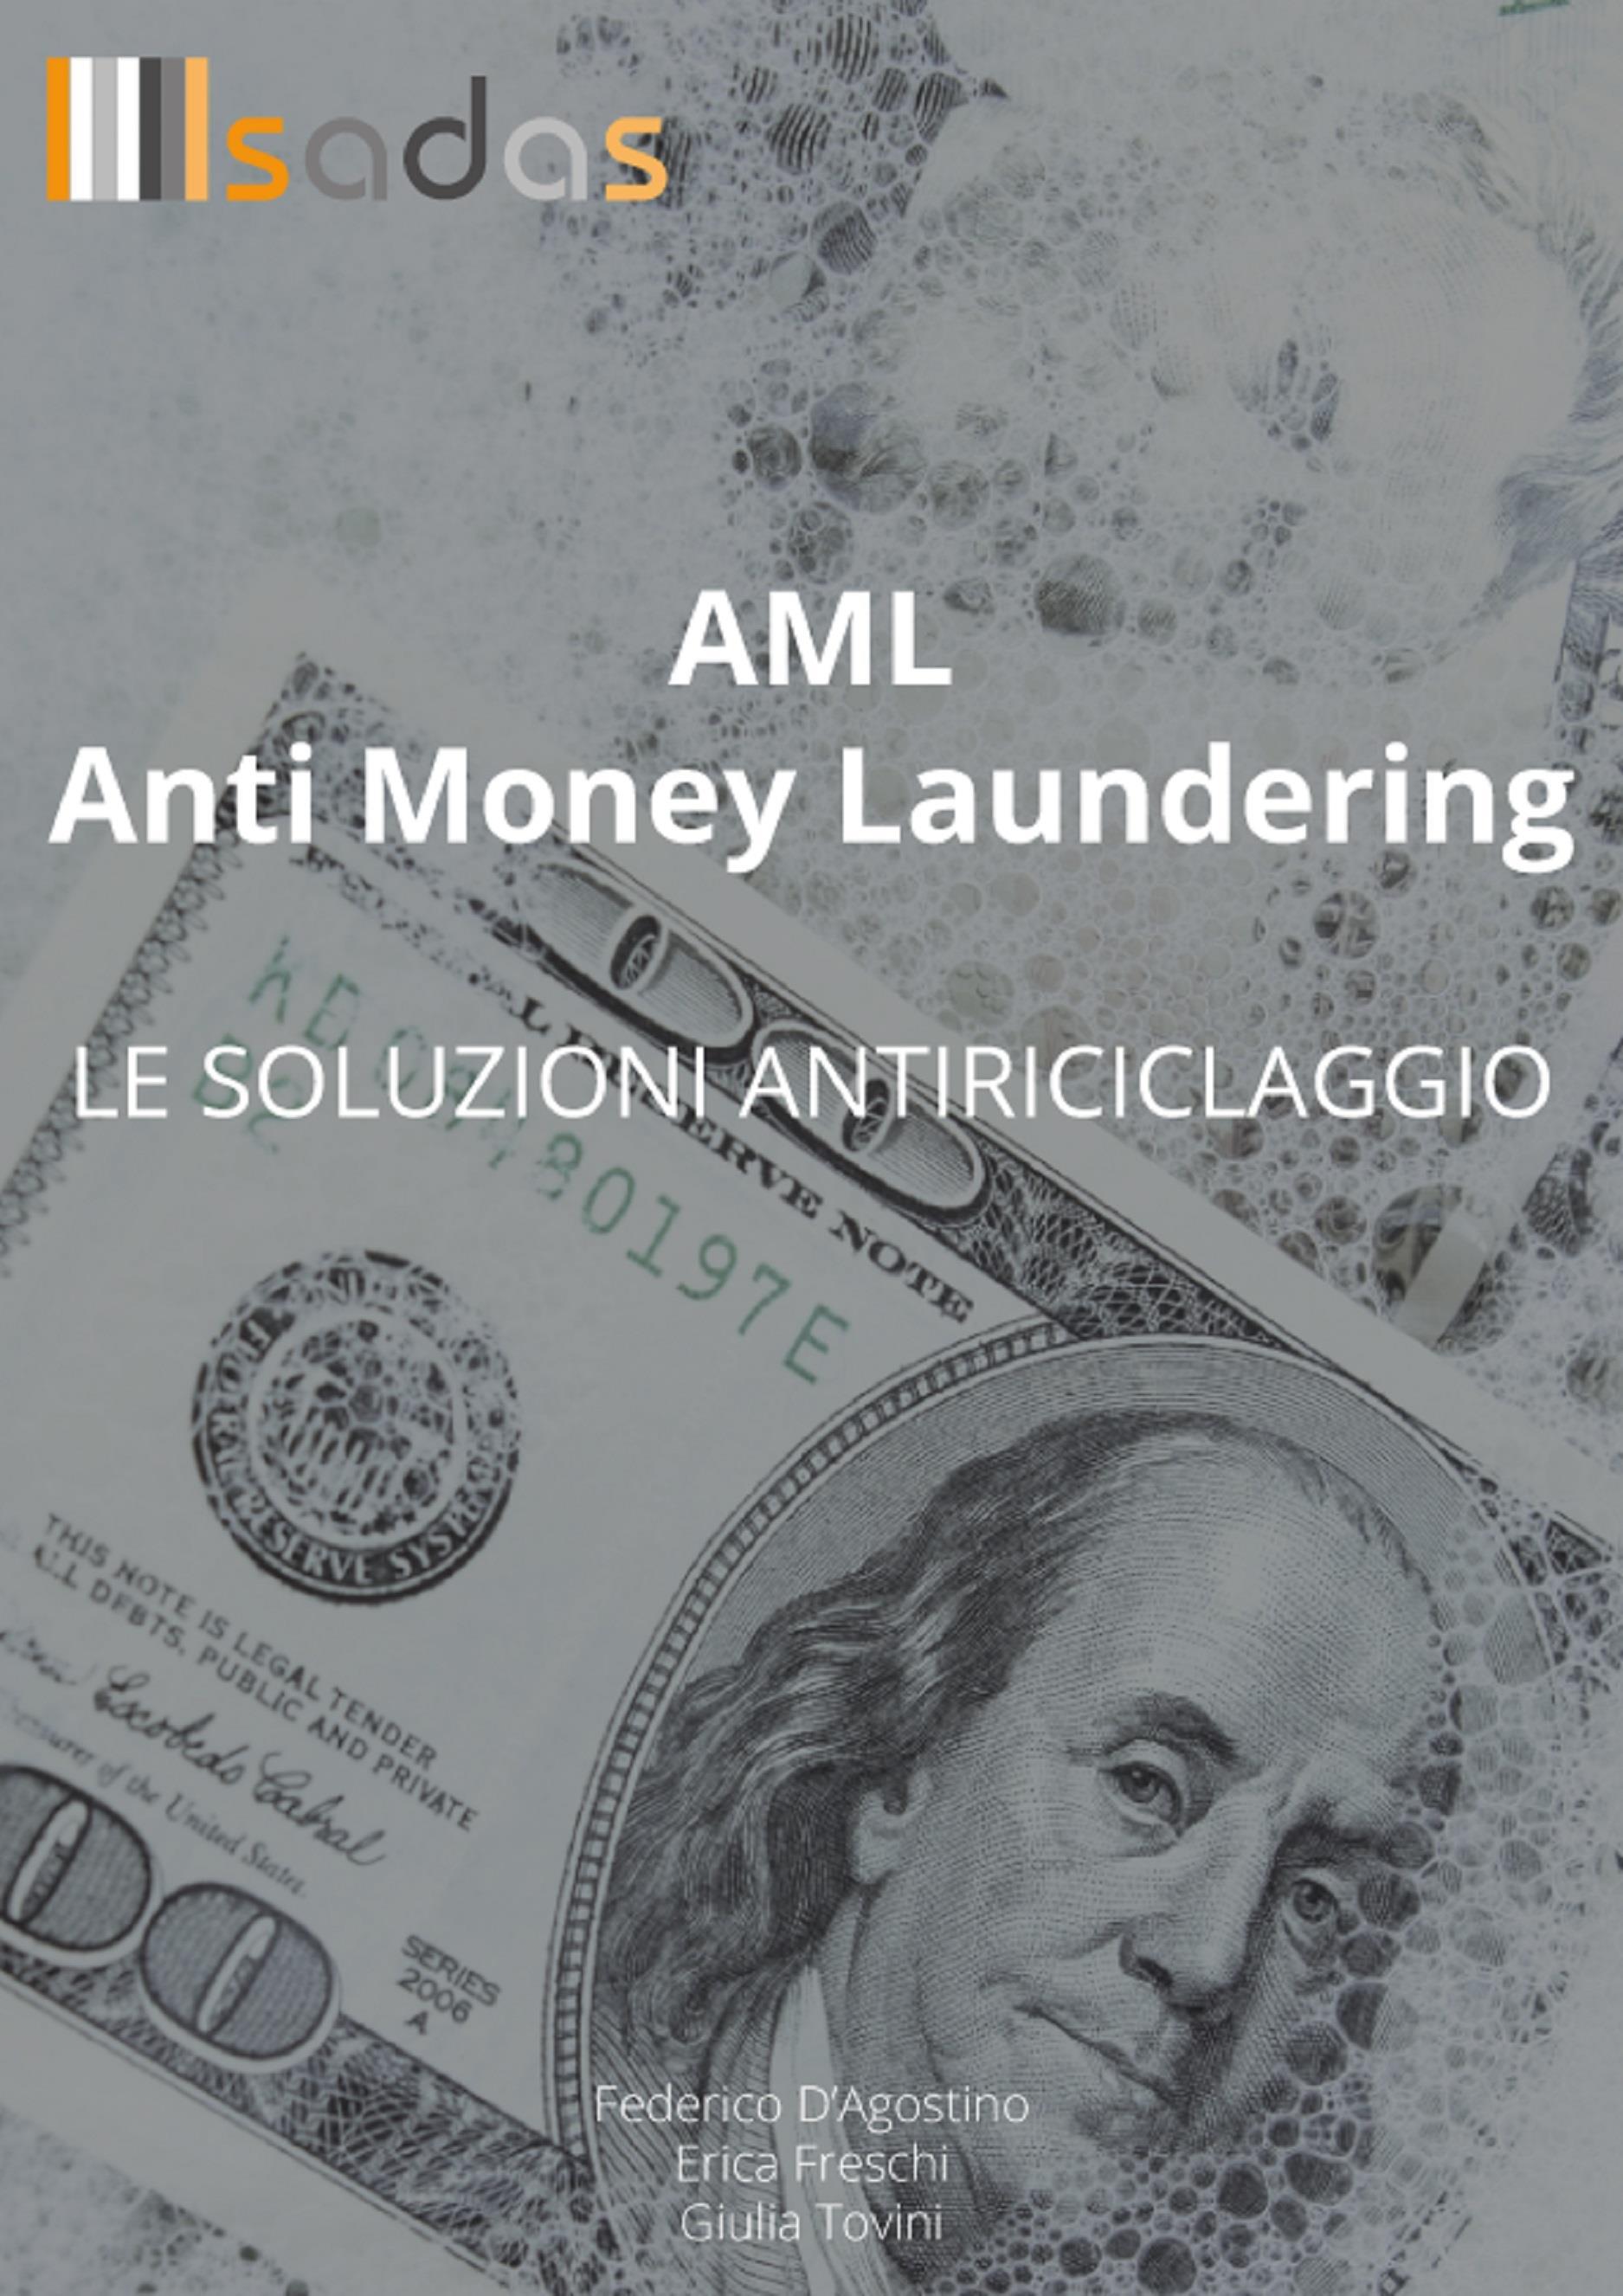 AML Anti Money Laundering: le soluzioni antiriciclaggio